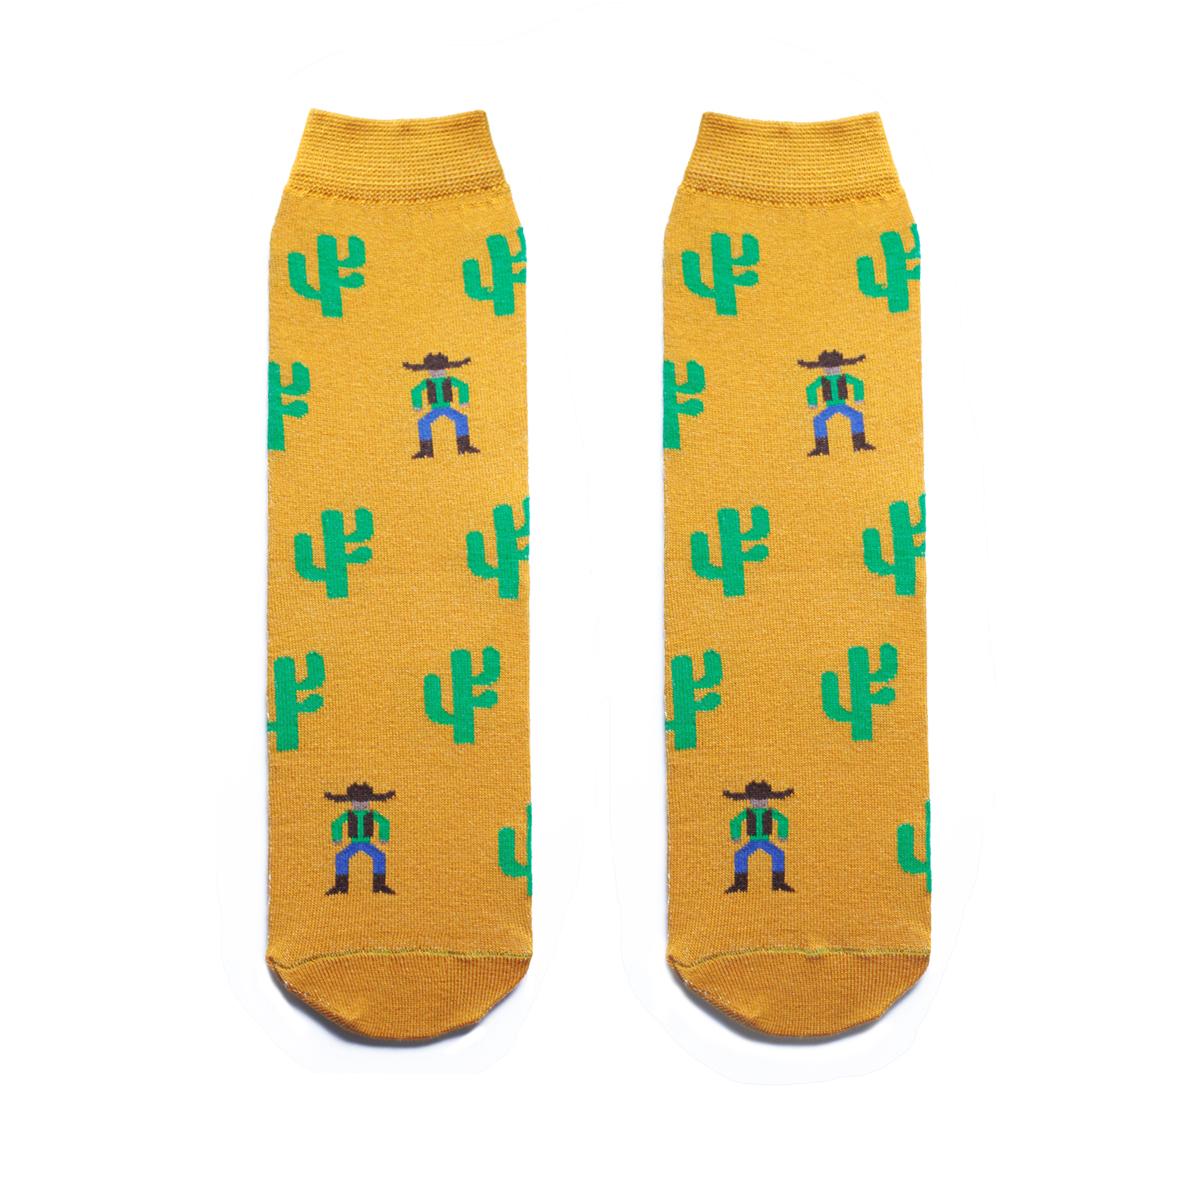 Носкиs2131Мужские носки Big Bang Socks изготовлены из высококачественного хлопка с добавлением полиамидных и эластановых волокон, которые обеспечивают великолепную посадку. Носки отличаются ярким стильным дизайном, они оформлены изображением кактусов и ковбоев. Удобная широкая резинка идеально облегает ногу и не пережимает сосуды, усиленные пятка и мысок повышают износоустойчивость носка, а удлиненный паголенок придает более эстетичный вид. Дизайнерские носки Big Bang Socks - яркая деталь в вашем образе и оригинальный подарок для друзей и близких.